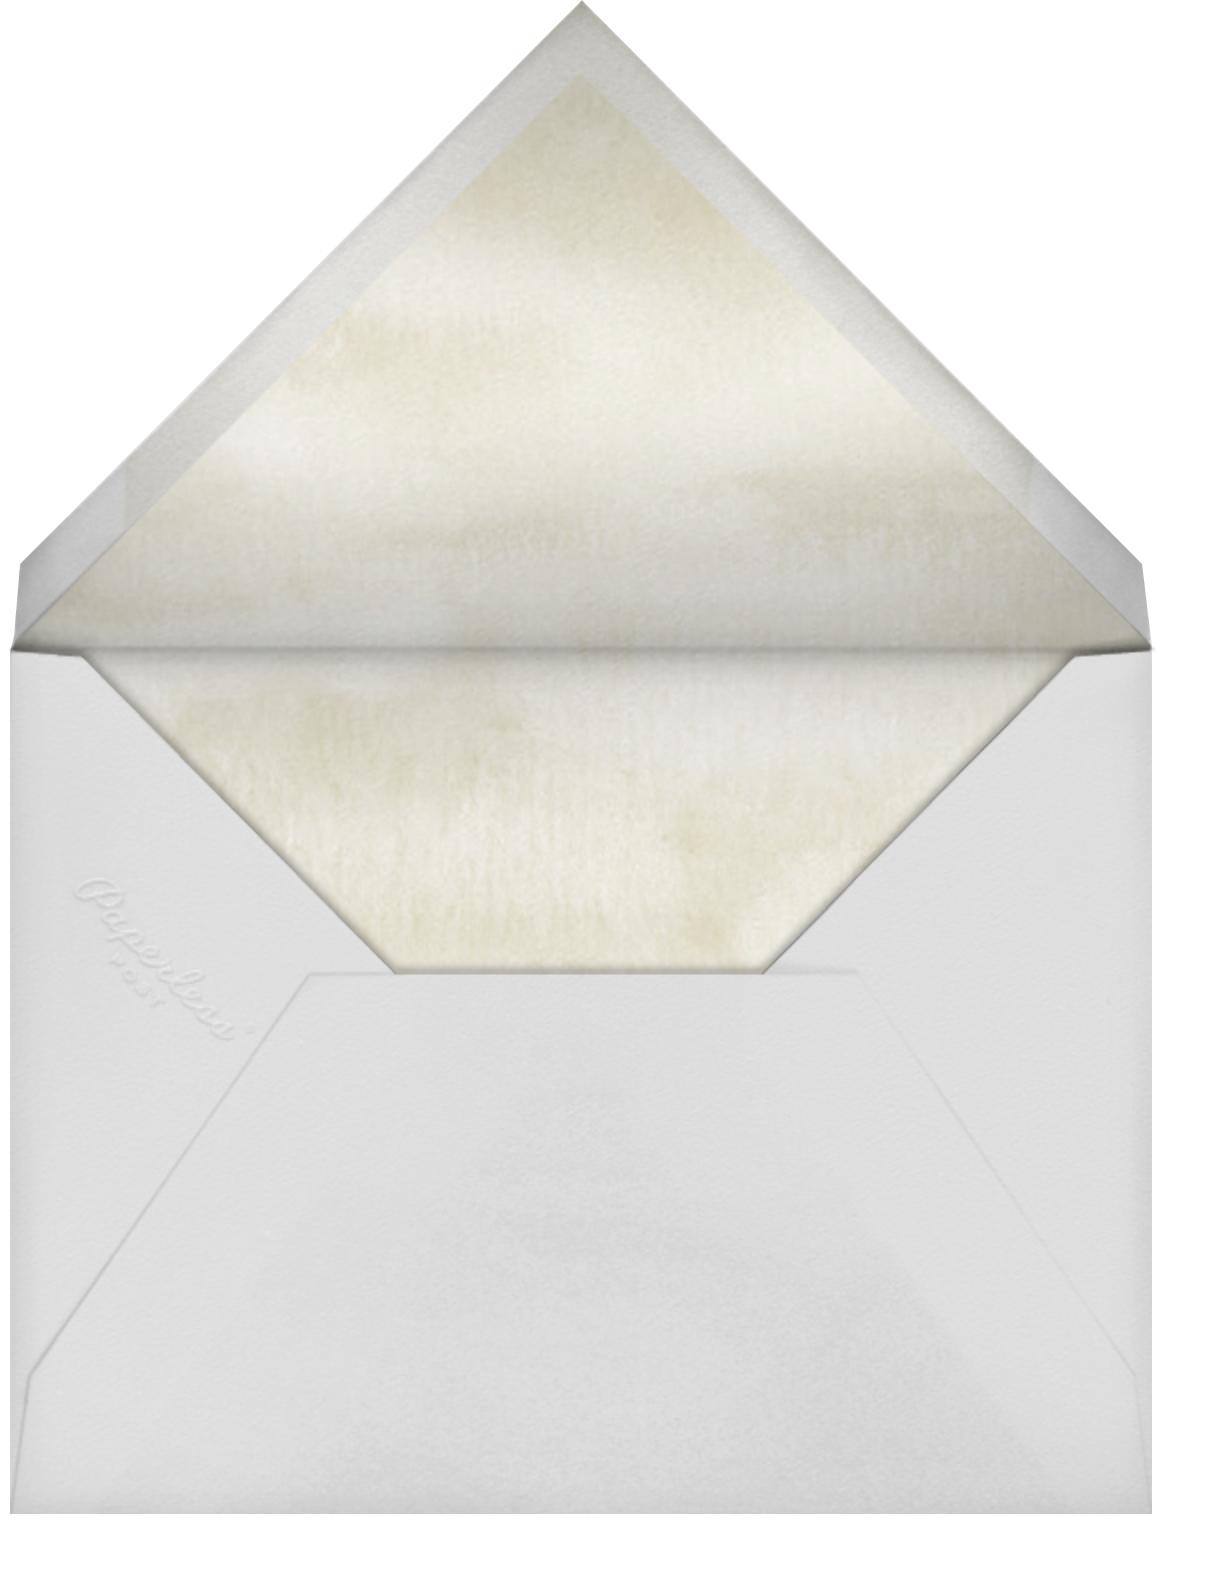 Naiad (Horizontal) - Felix Doolittle - Birthday - envelope back